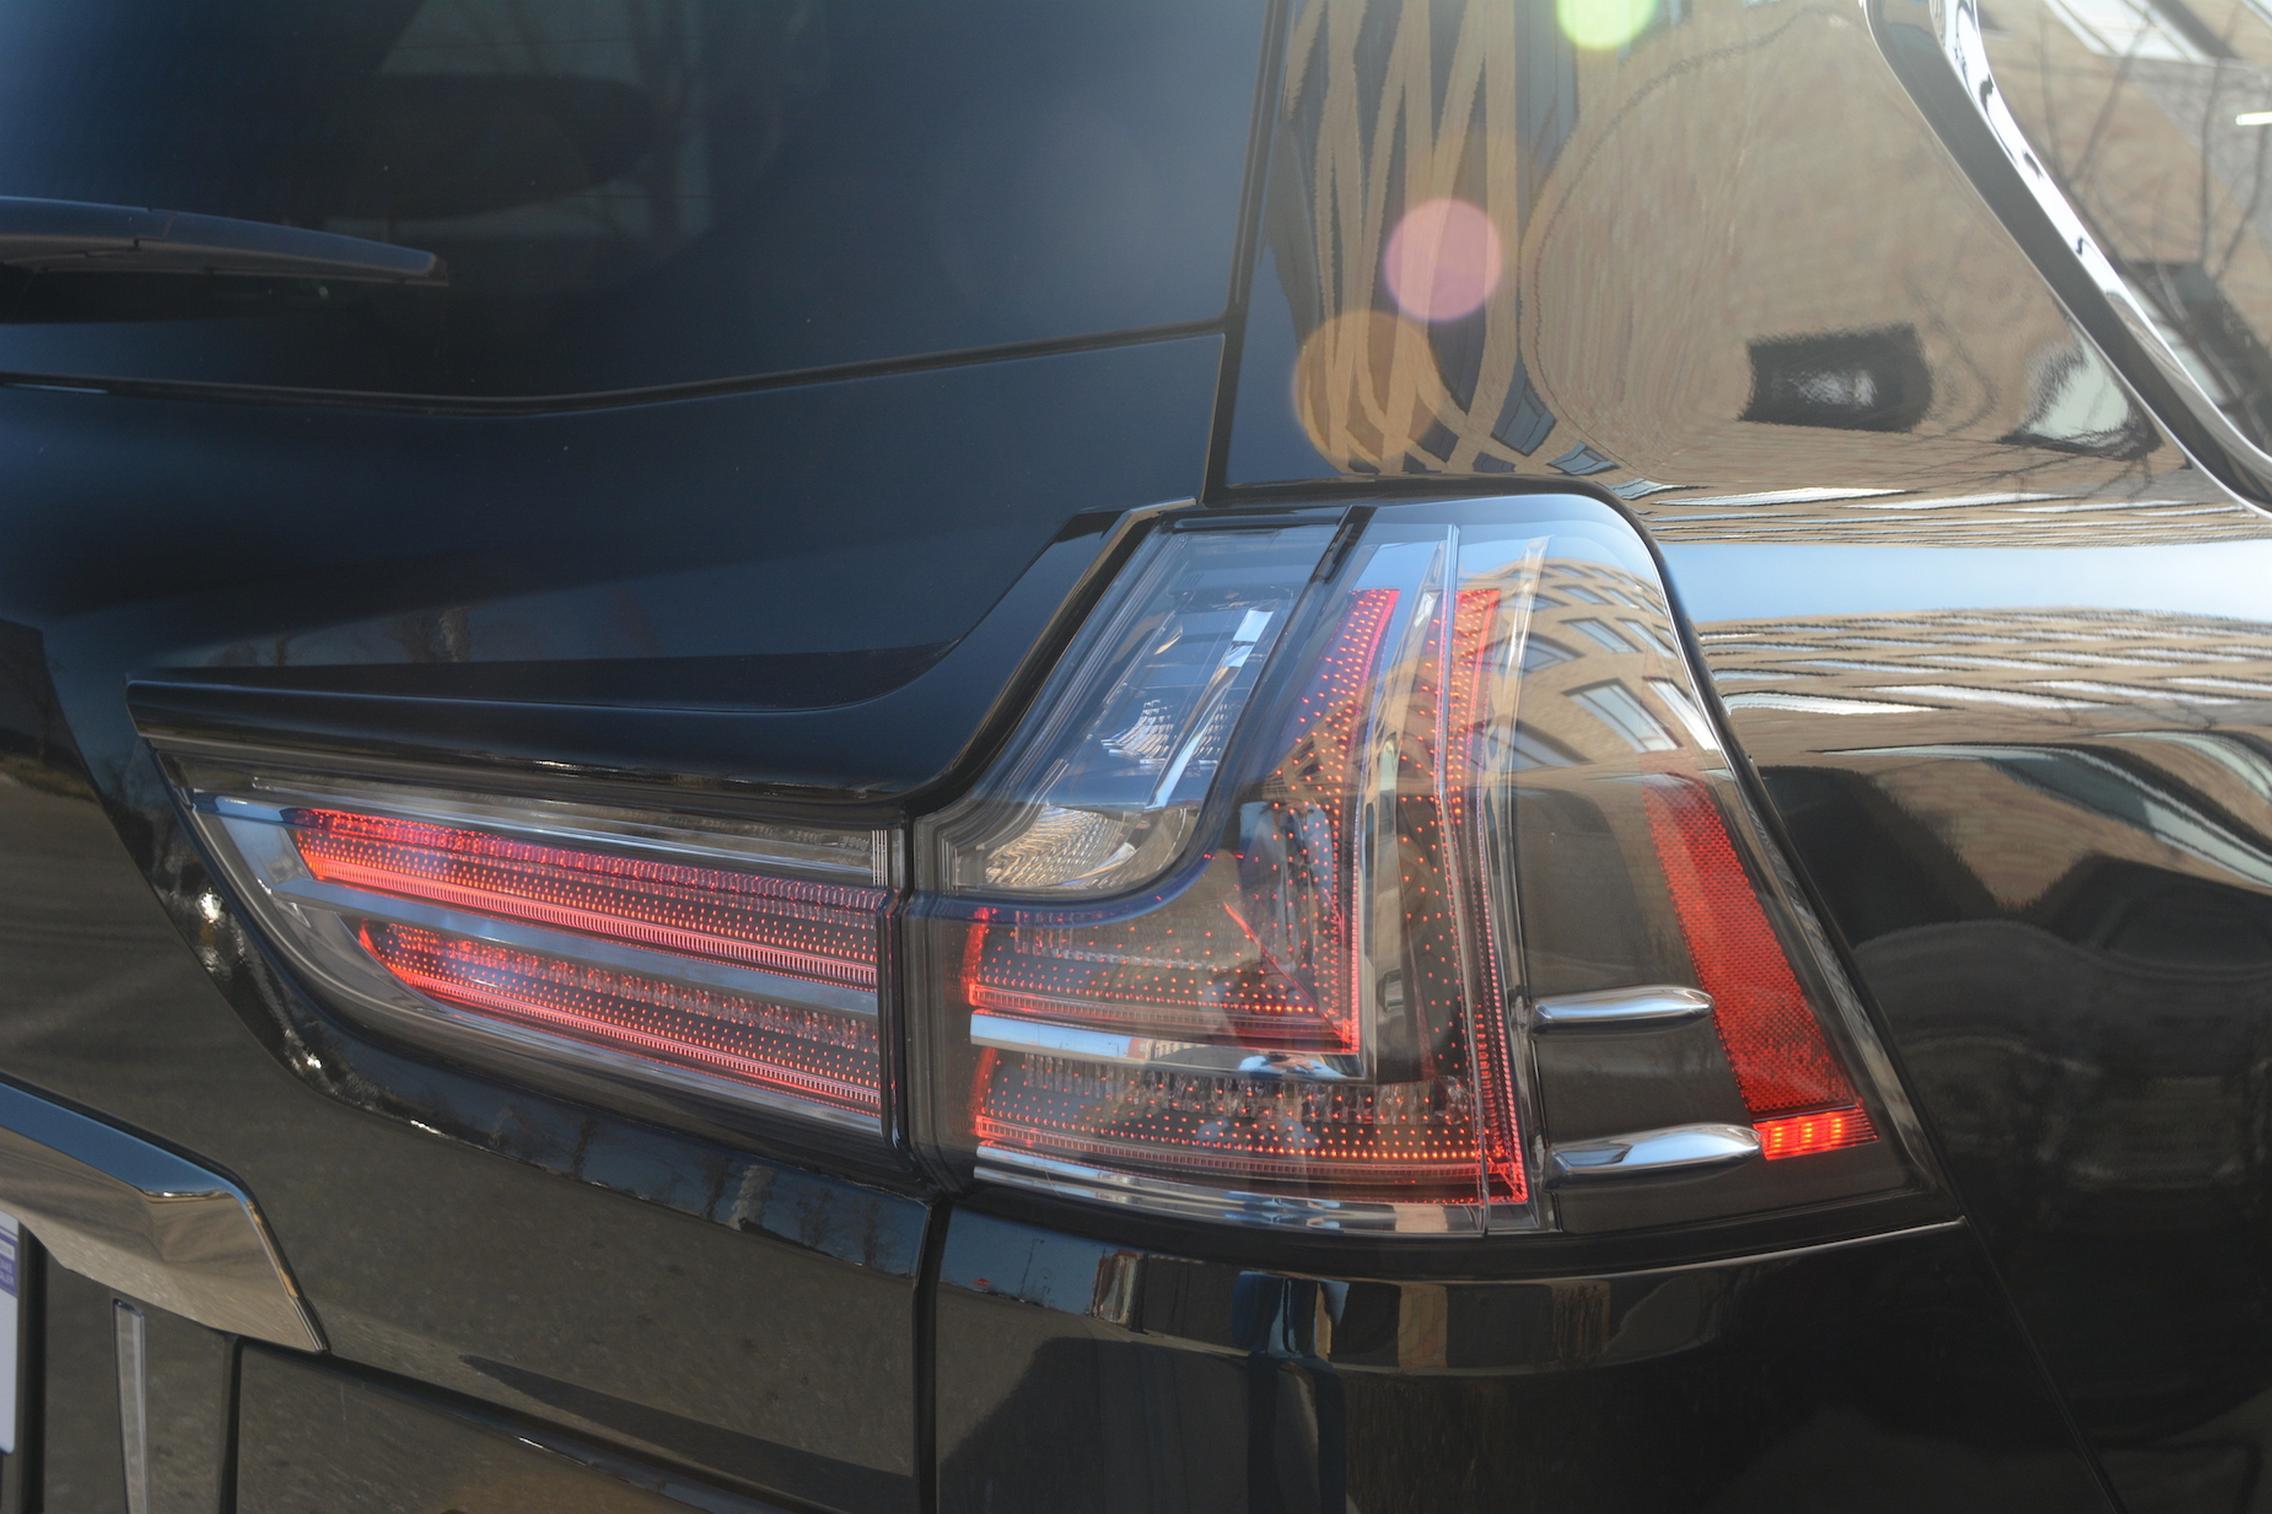 2021 Lexus LX570 taillight